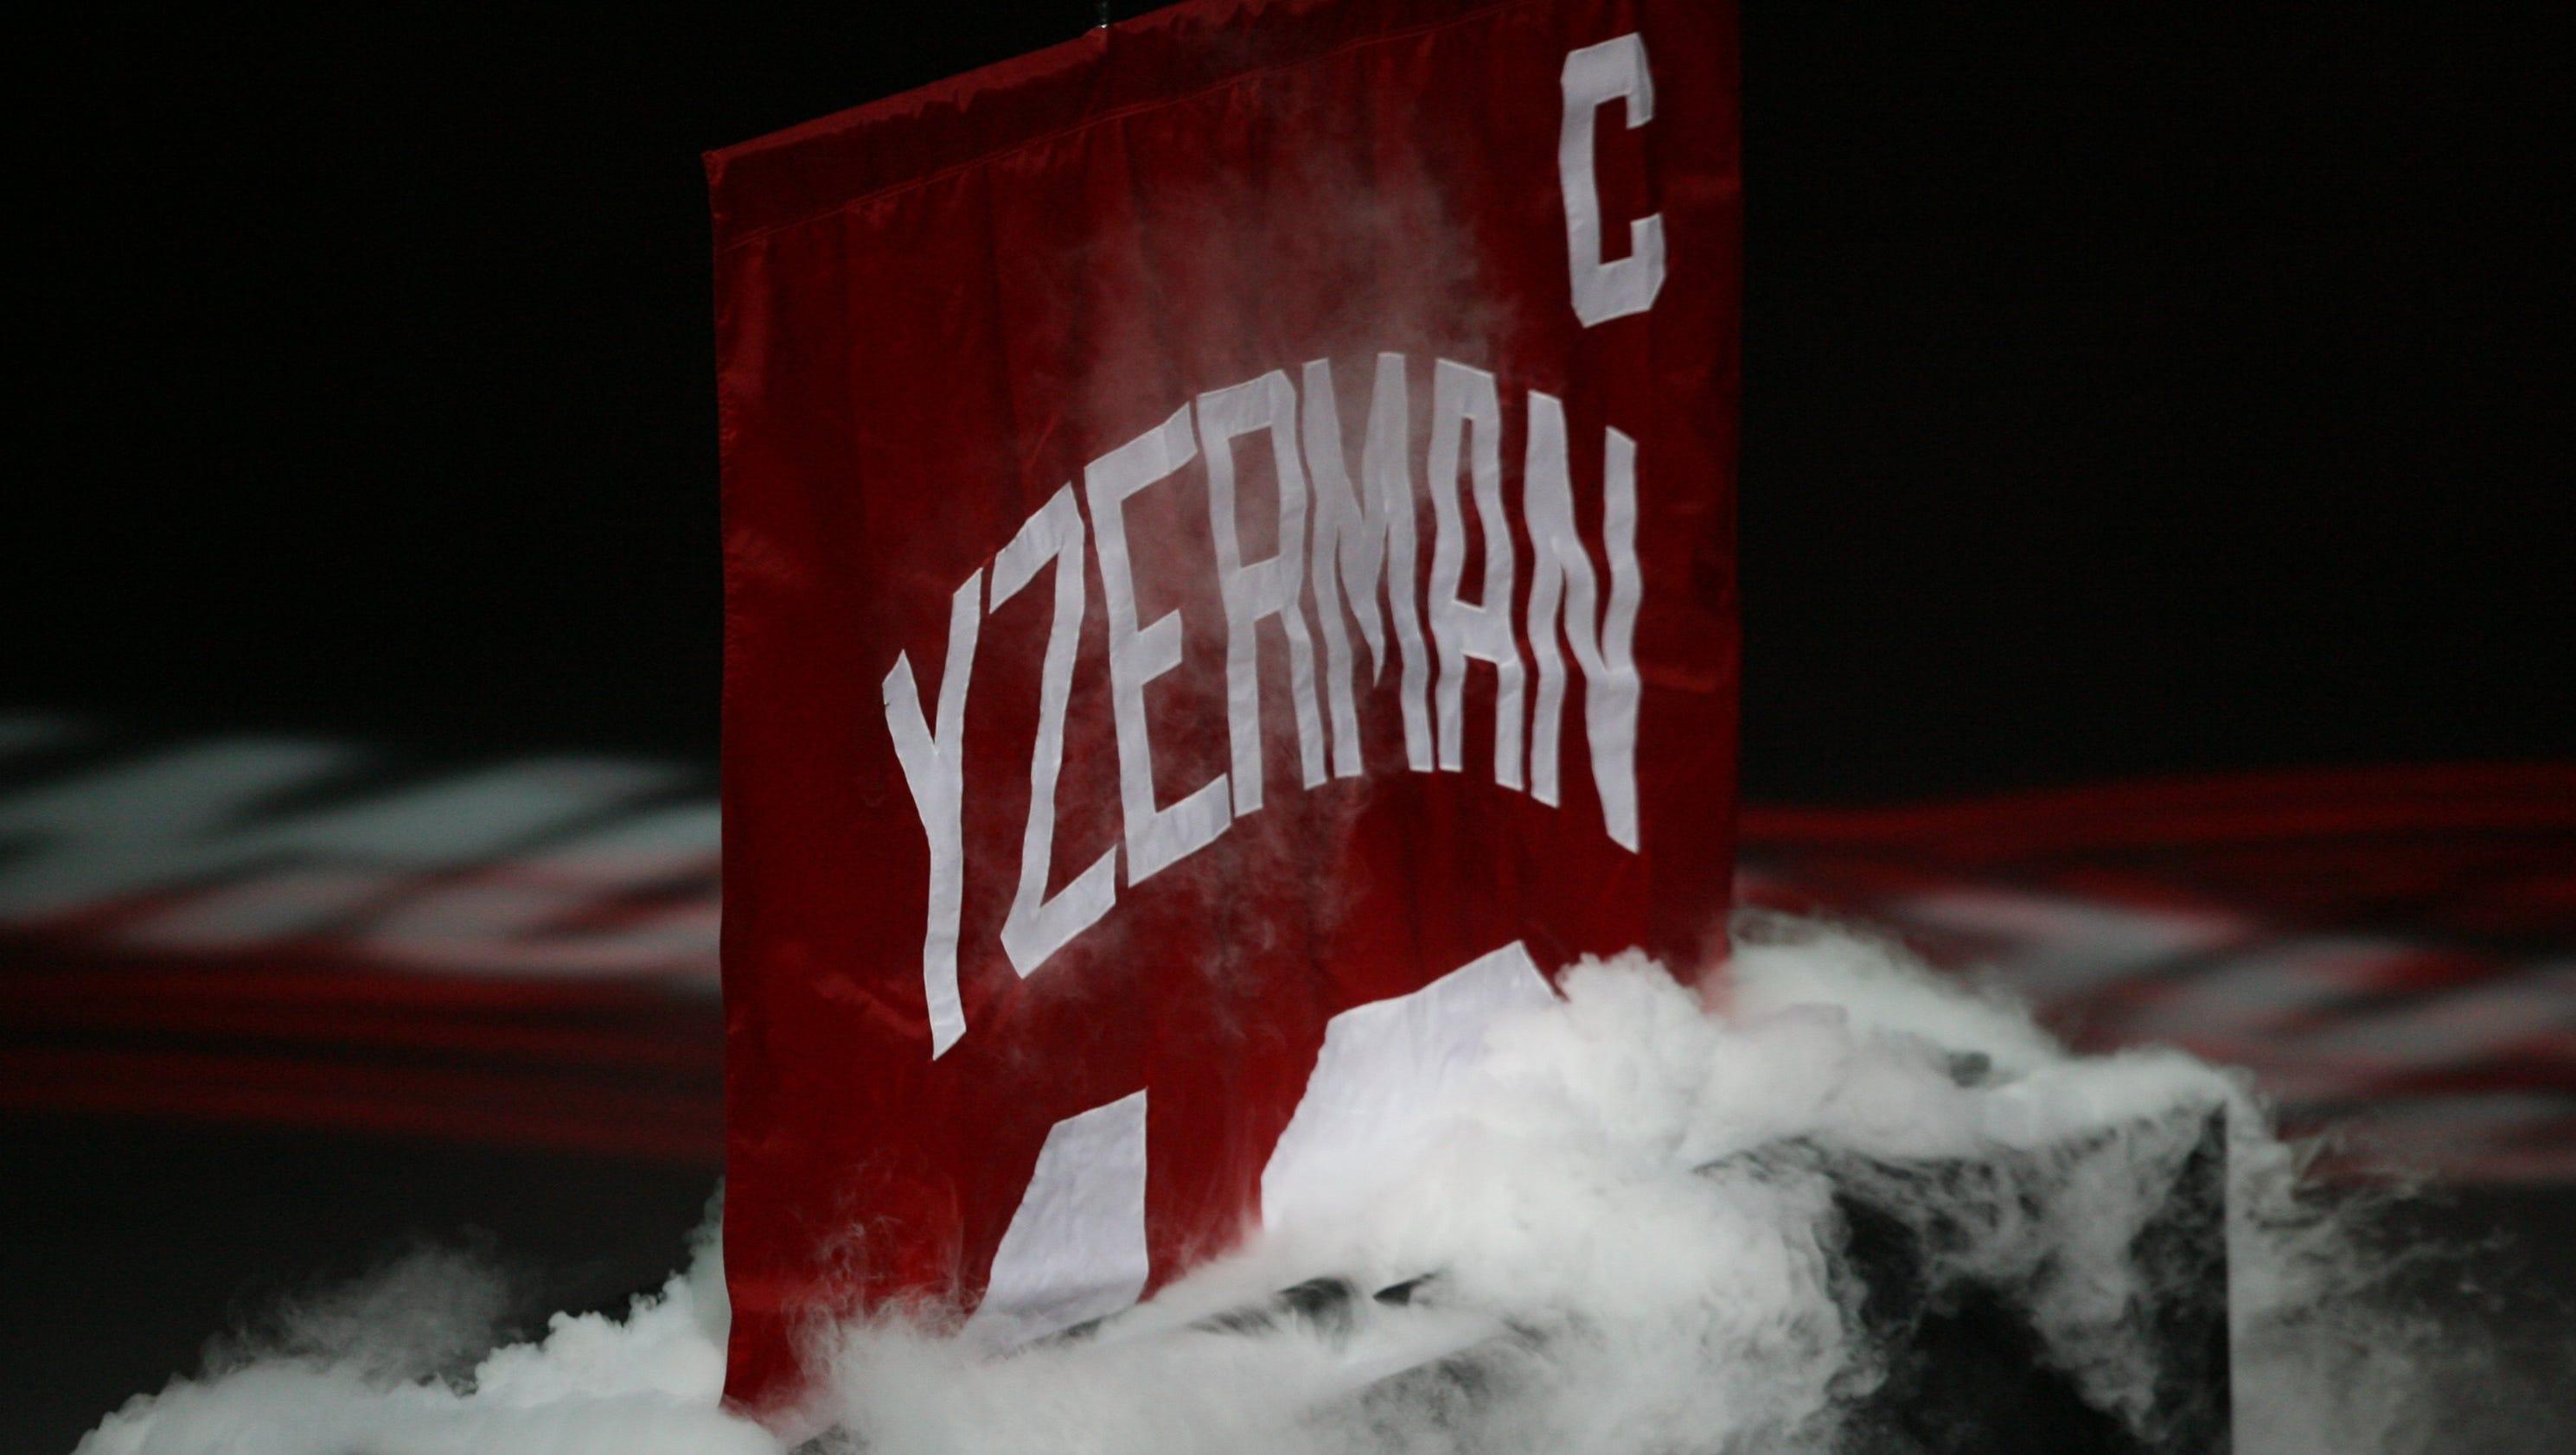 636262172349356013-0103-yzerman1-01-03-2007-t7f